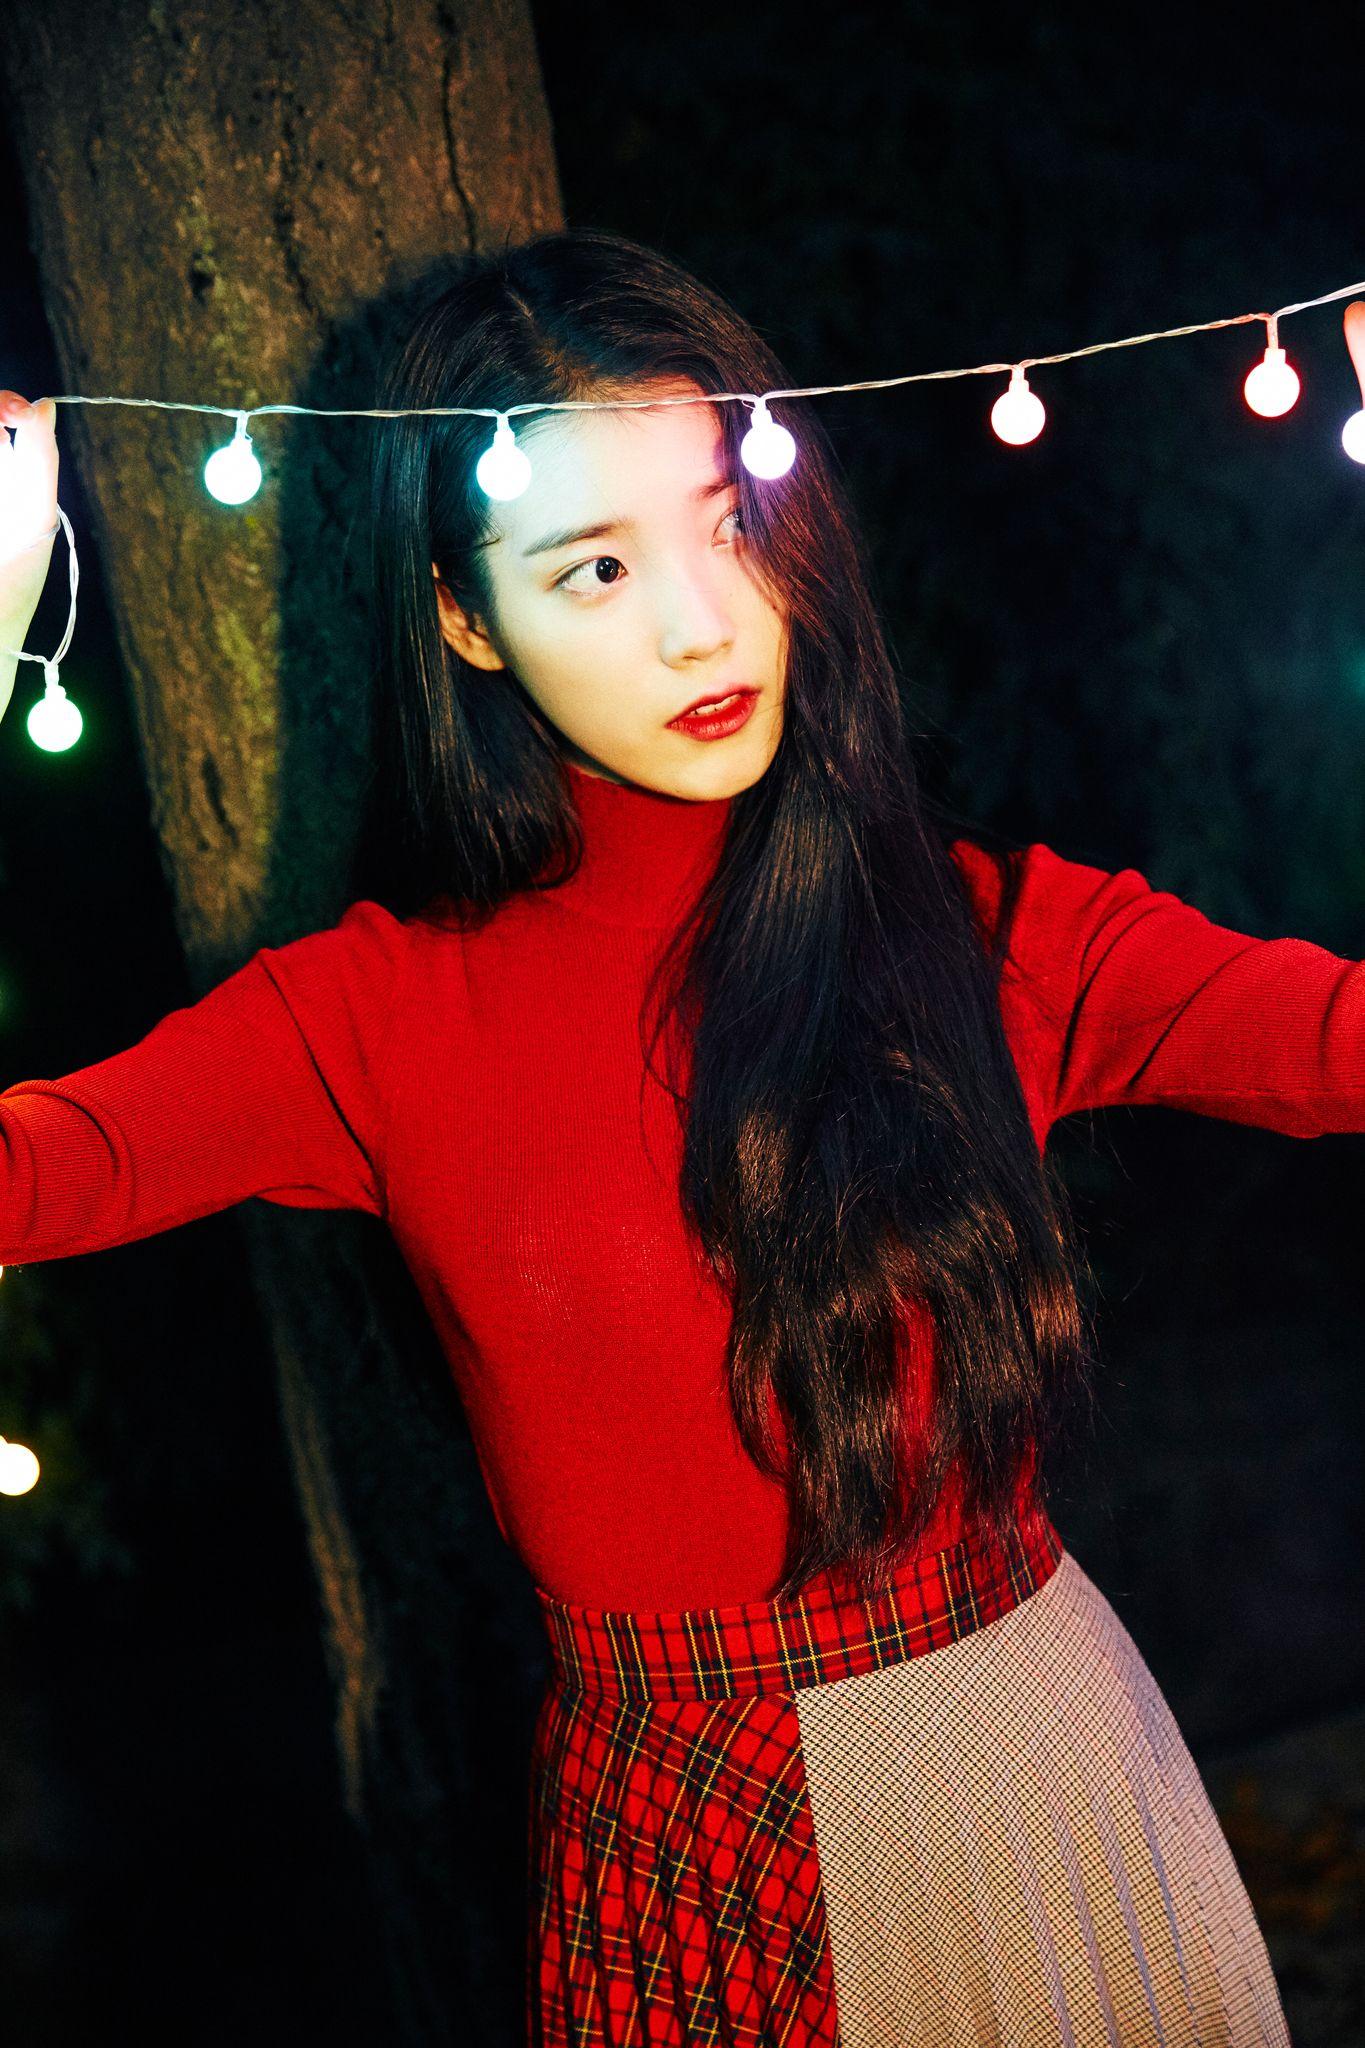 kymmenen Vinkkejä Dating korealainen tyttö